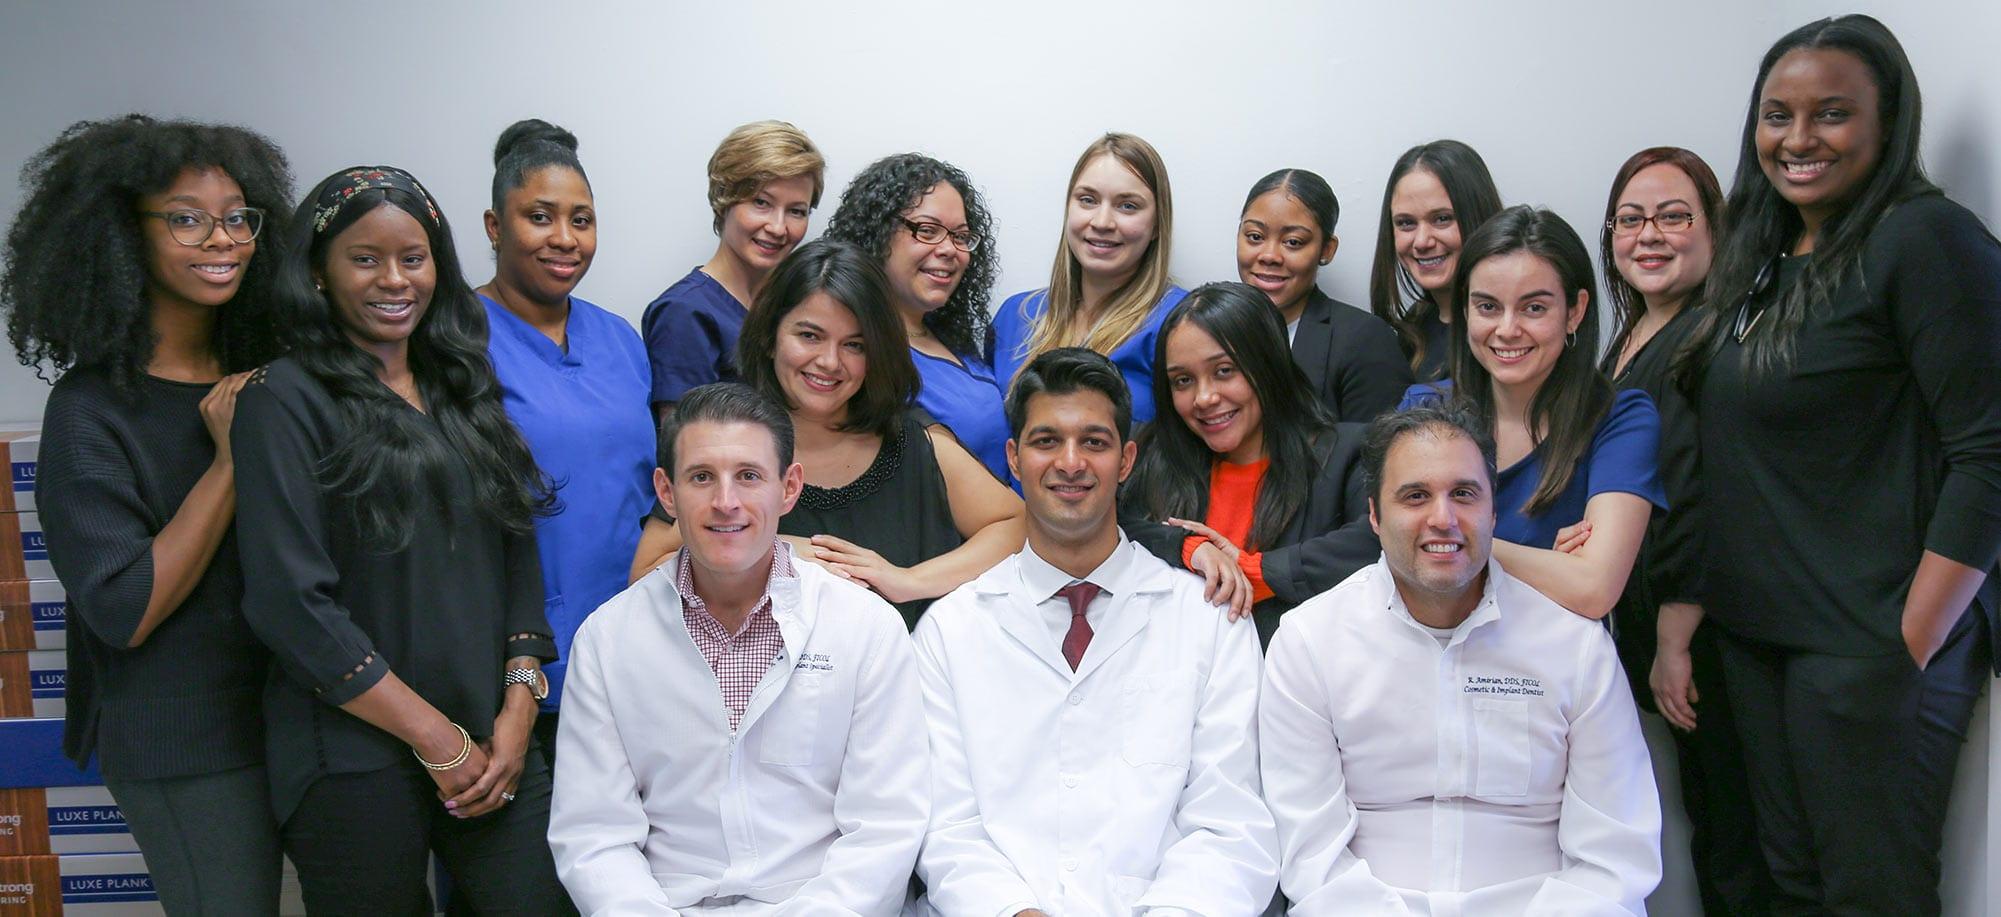 Brooklyn New York Dentist